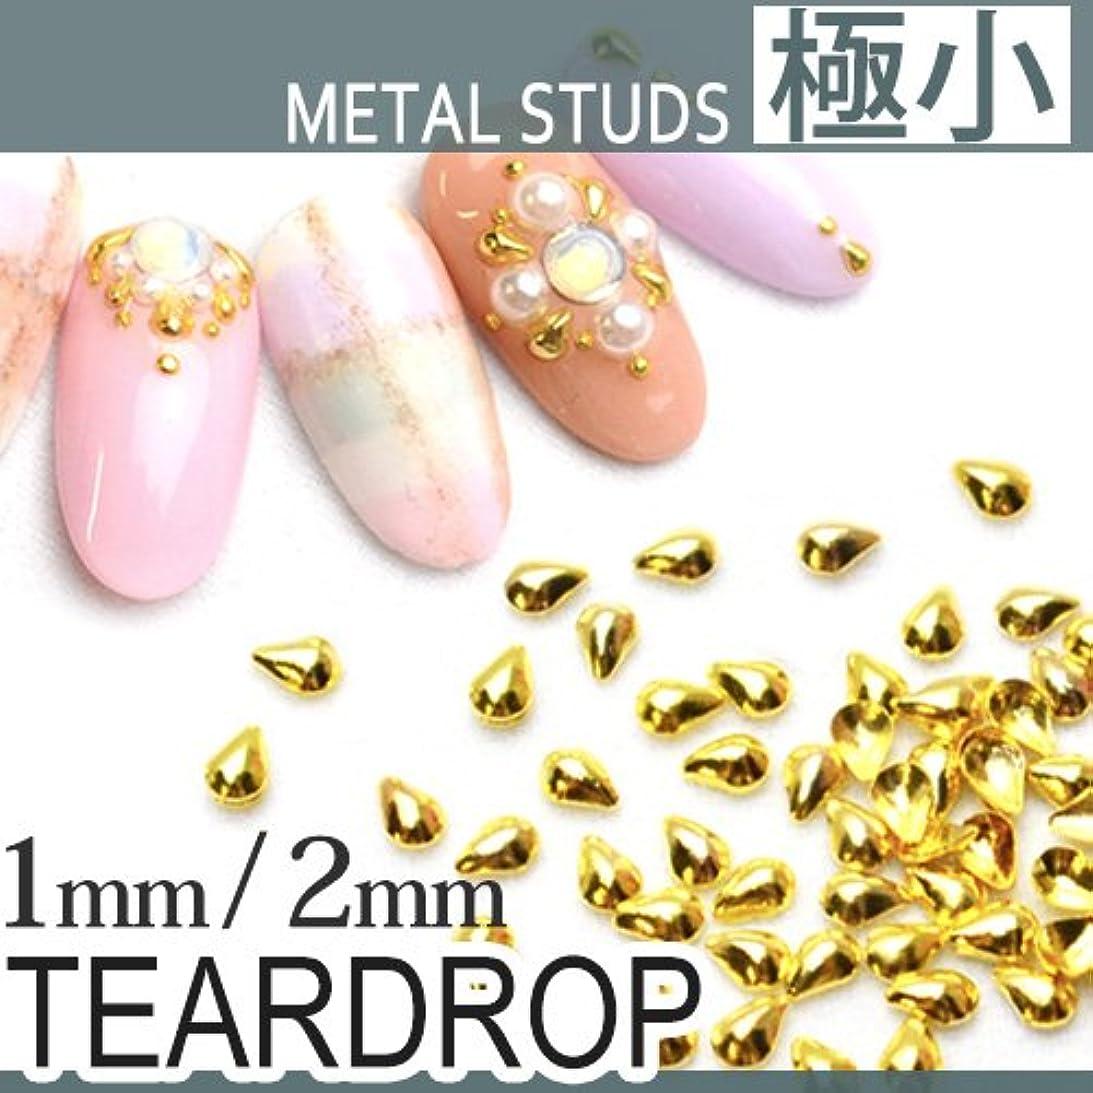 やりすぎヒューバートハドソン緊急極小ティアドロップ メタルスタッズ [Sゴールド]1mm×2mm メタルパーツ ジェルネイル